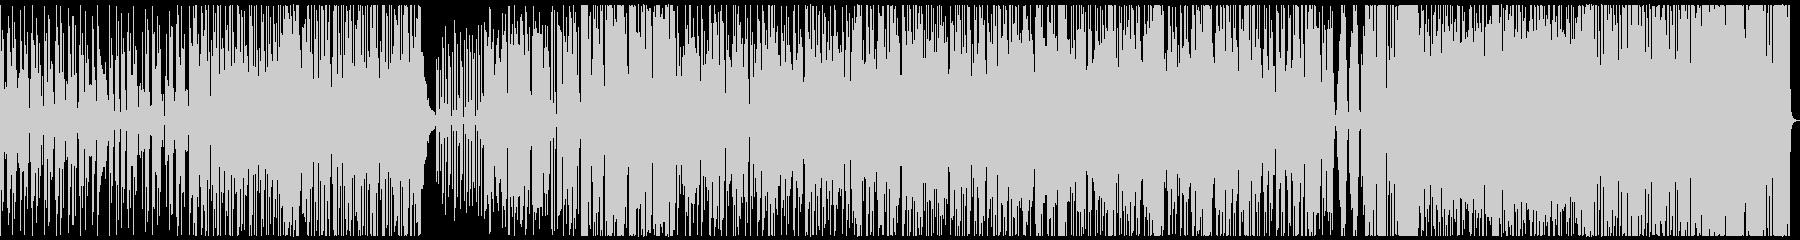 ファンクフュージョンインストゥルメ...の未再生の波形